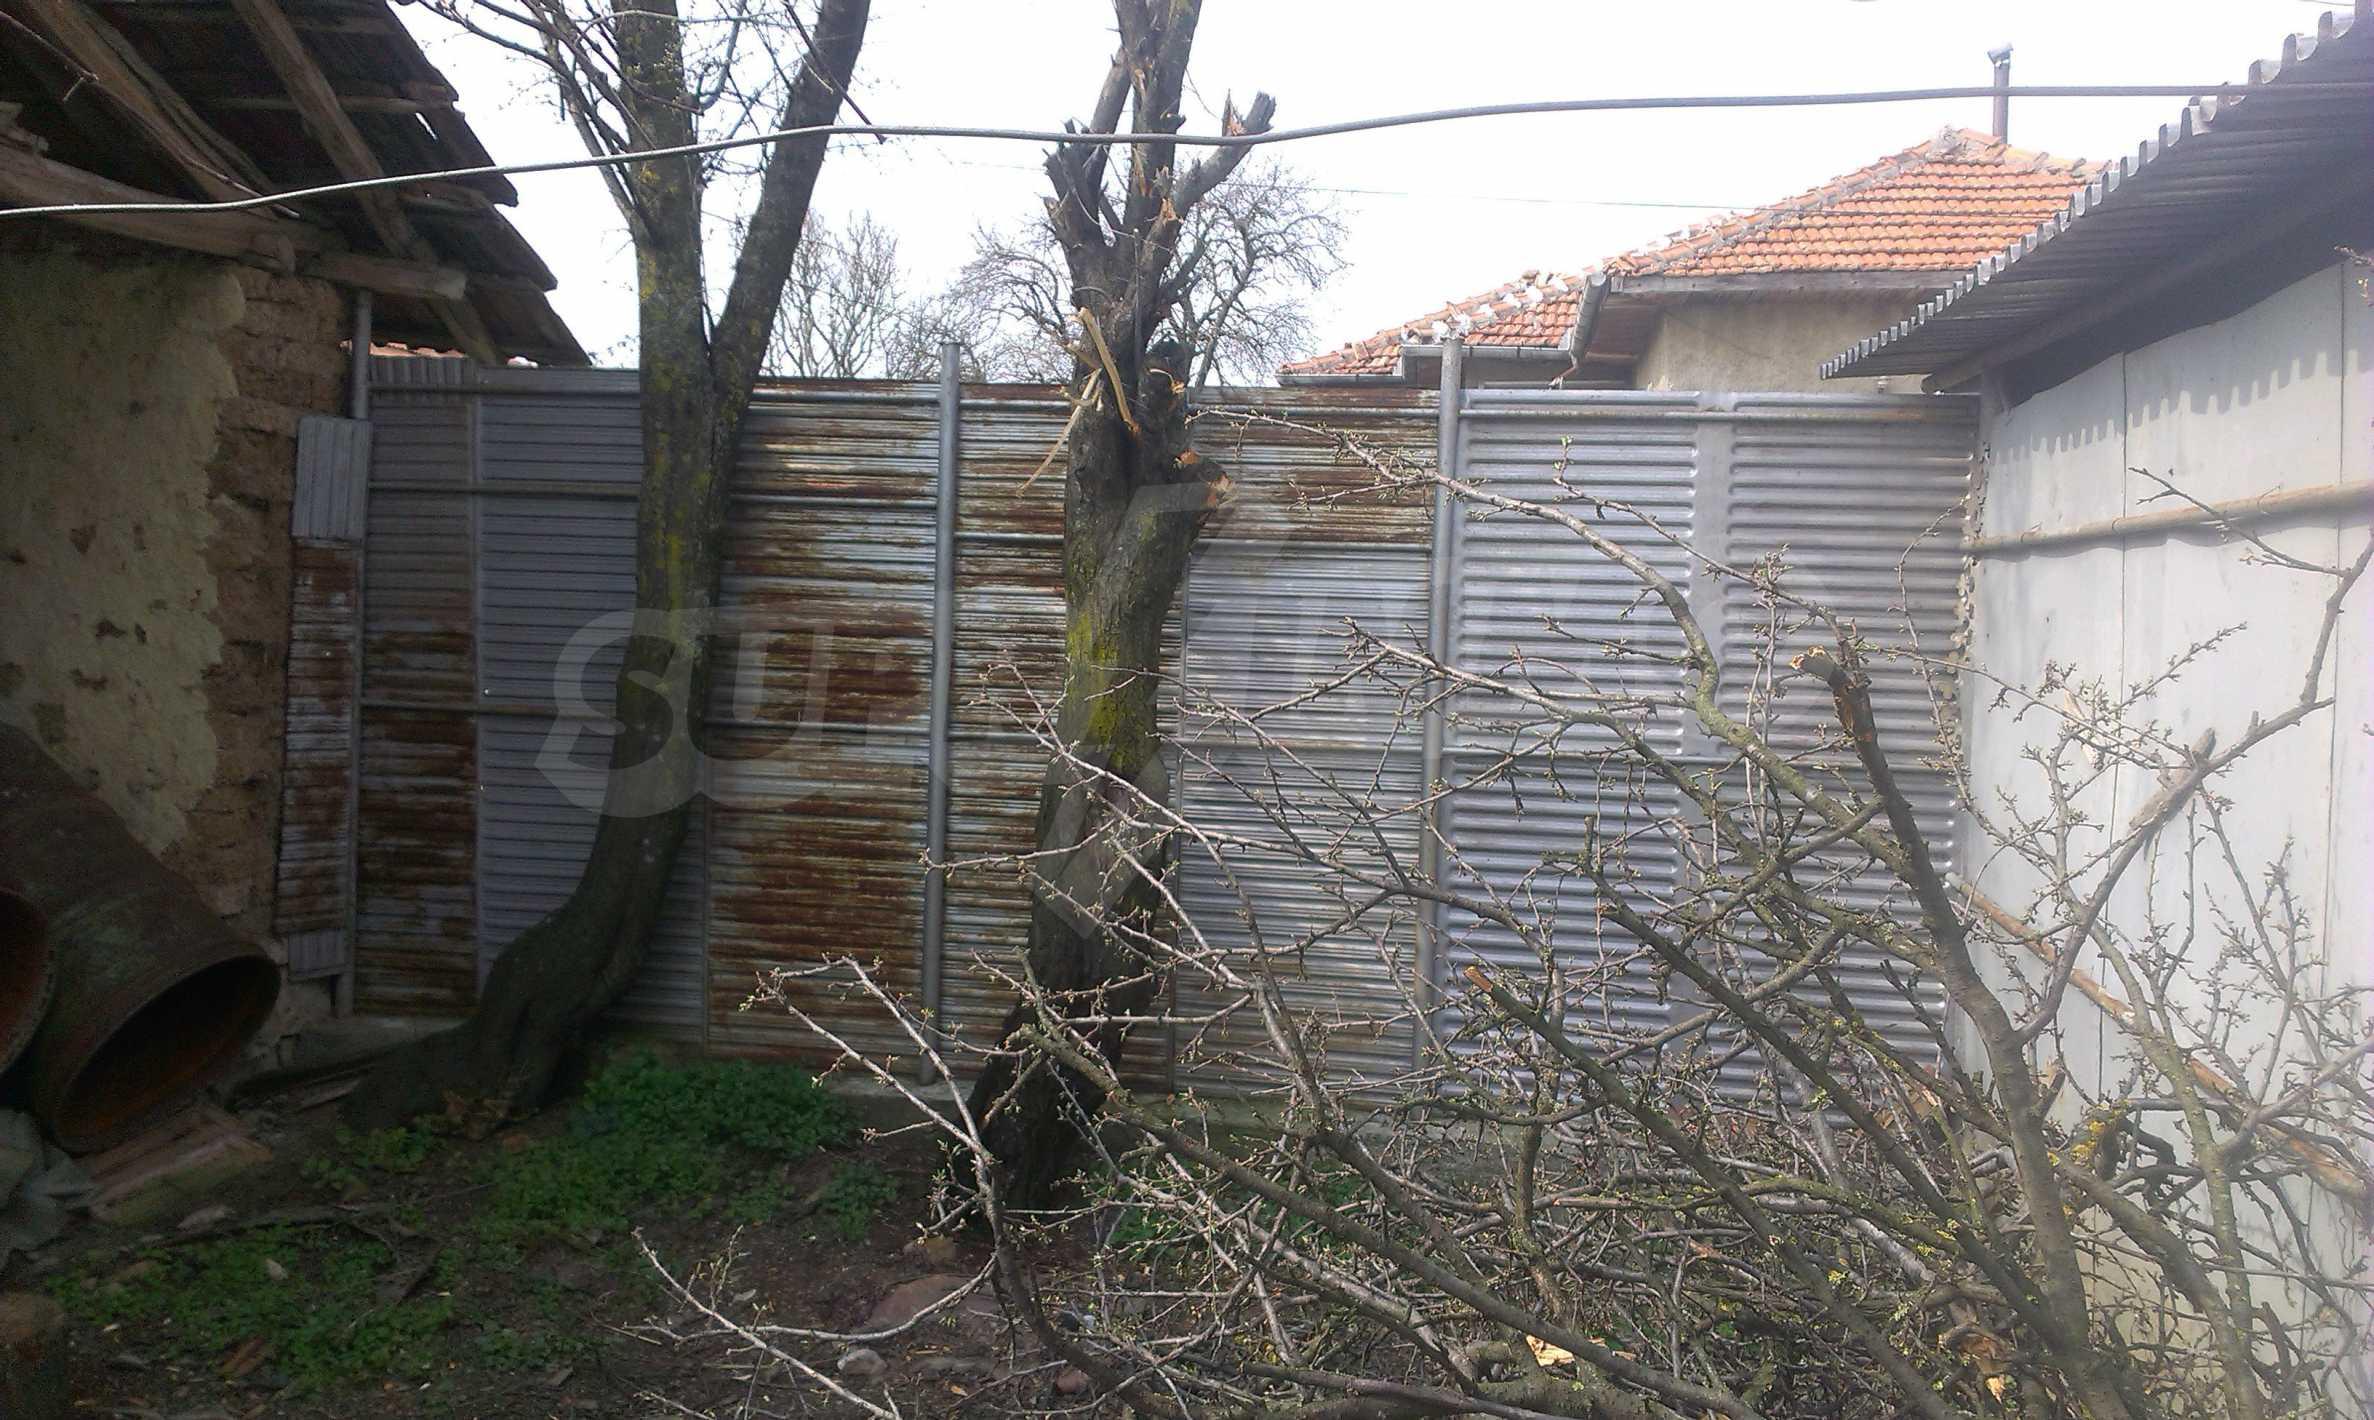 Großes zweistöckiges Backsteinhaus in einem Dorf 40 km von Veliko Tarnovo entfernt 30